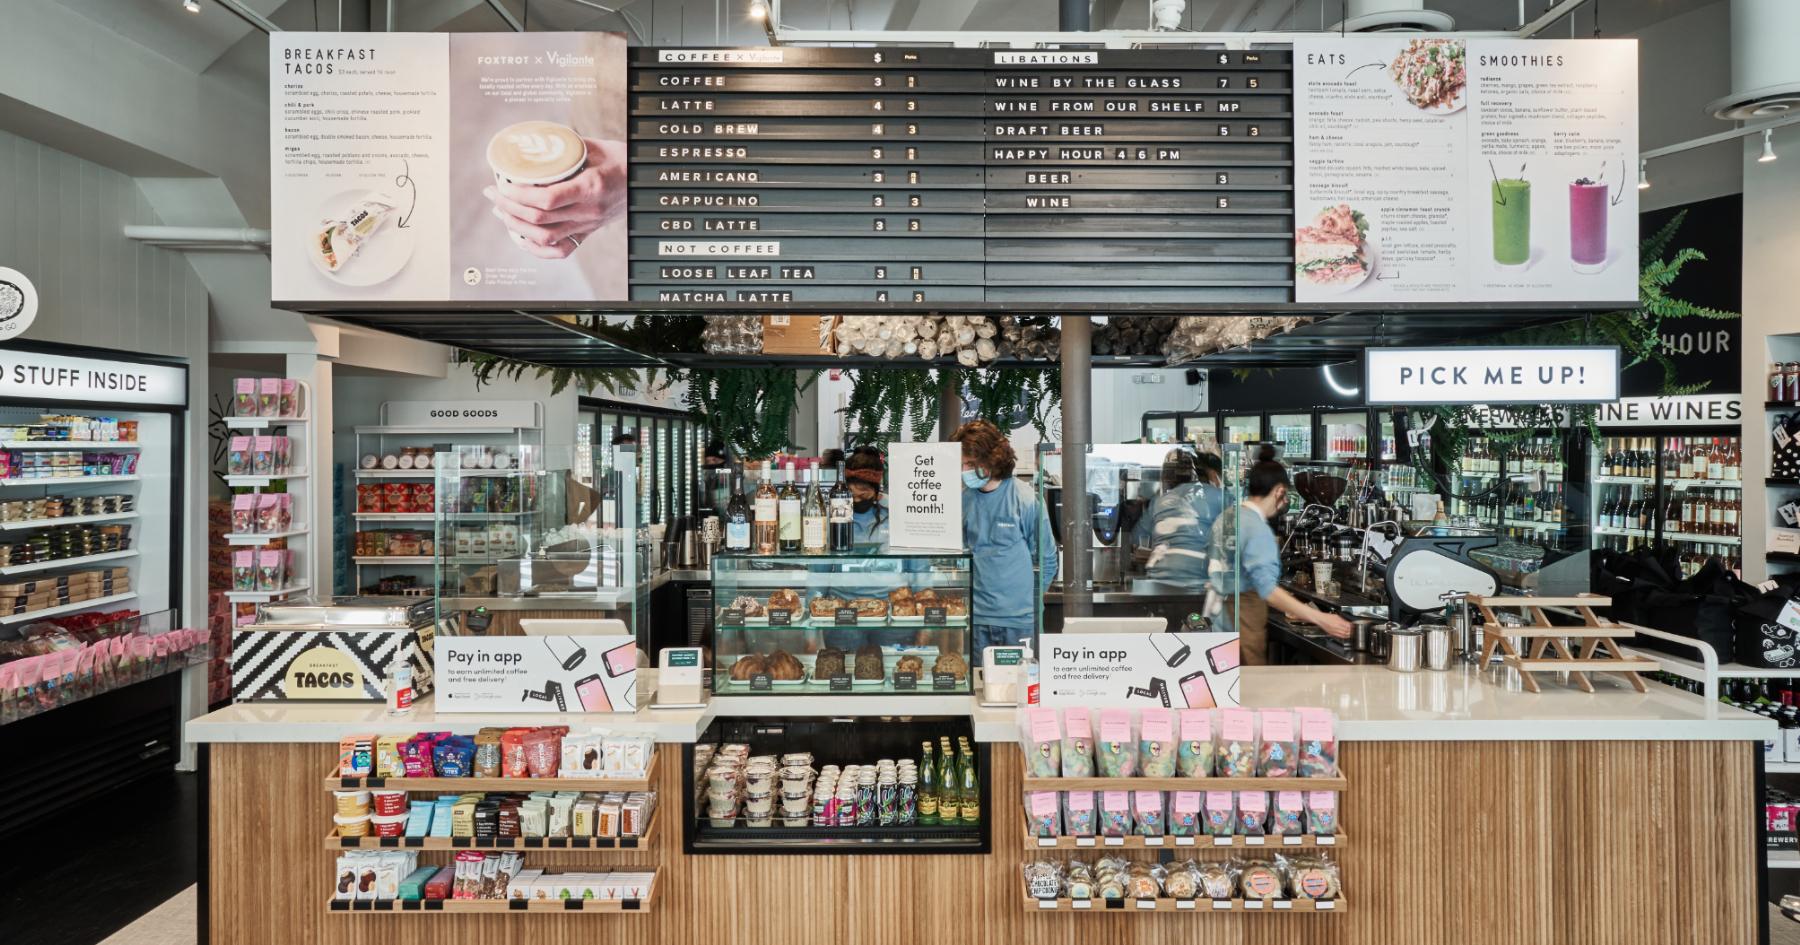 Foxtrot D.C. Georgetown Cafe